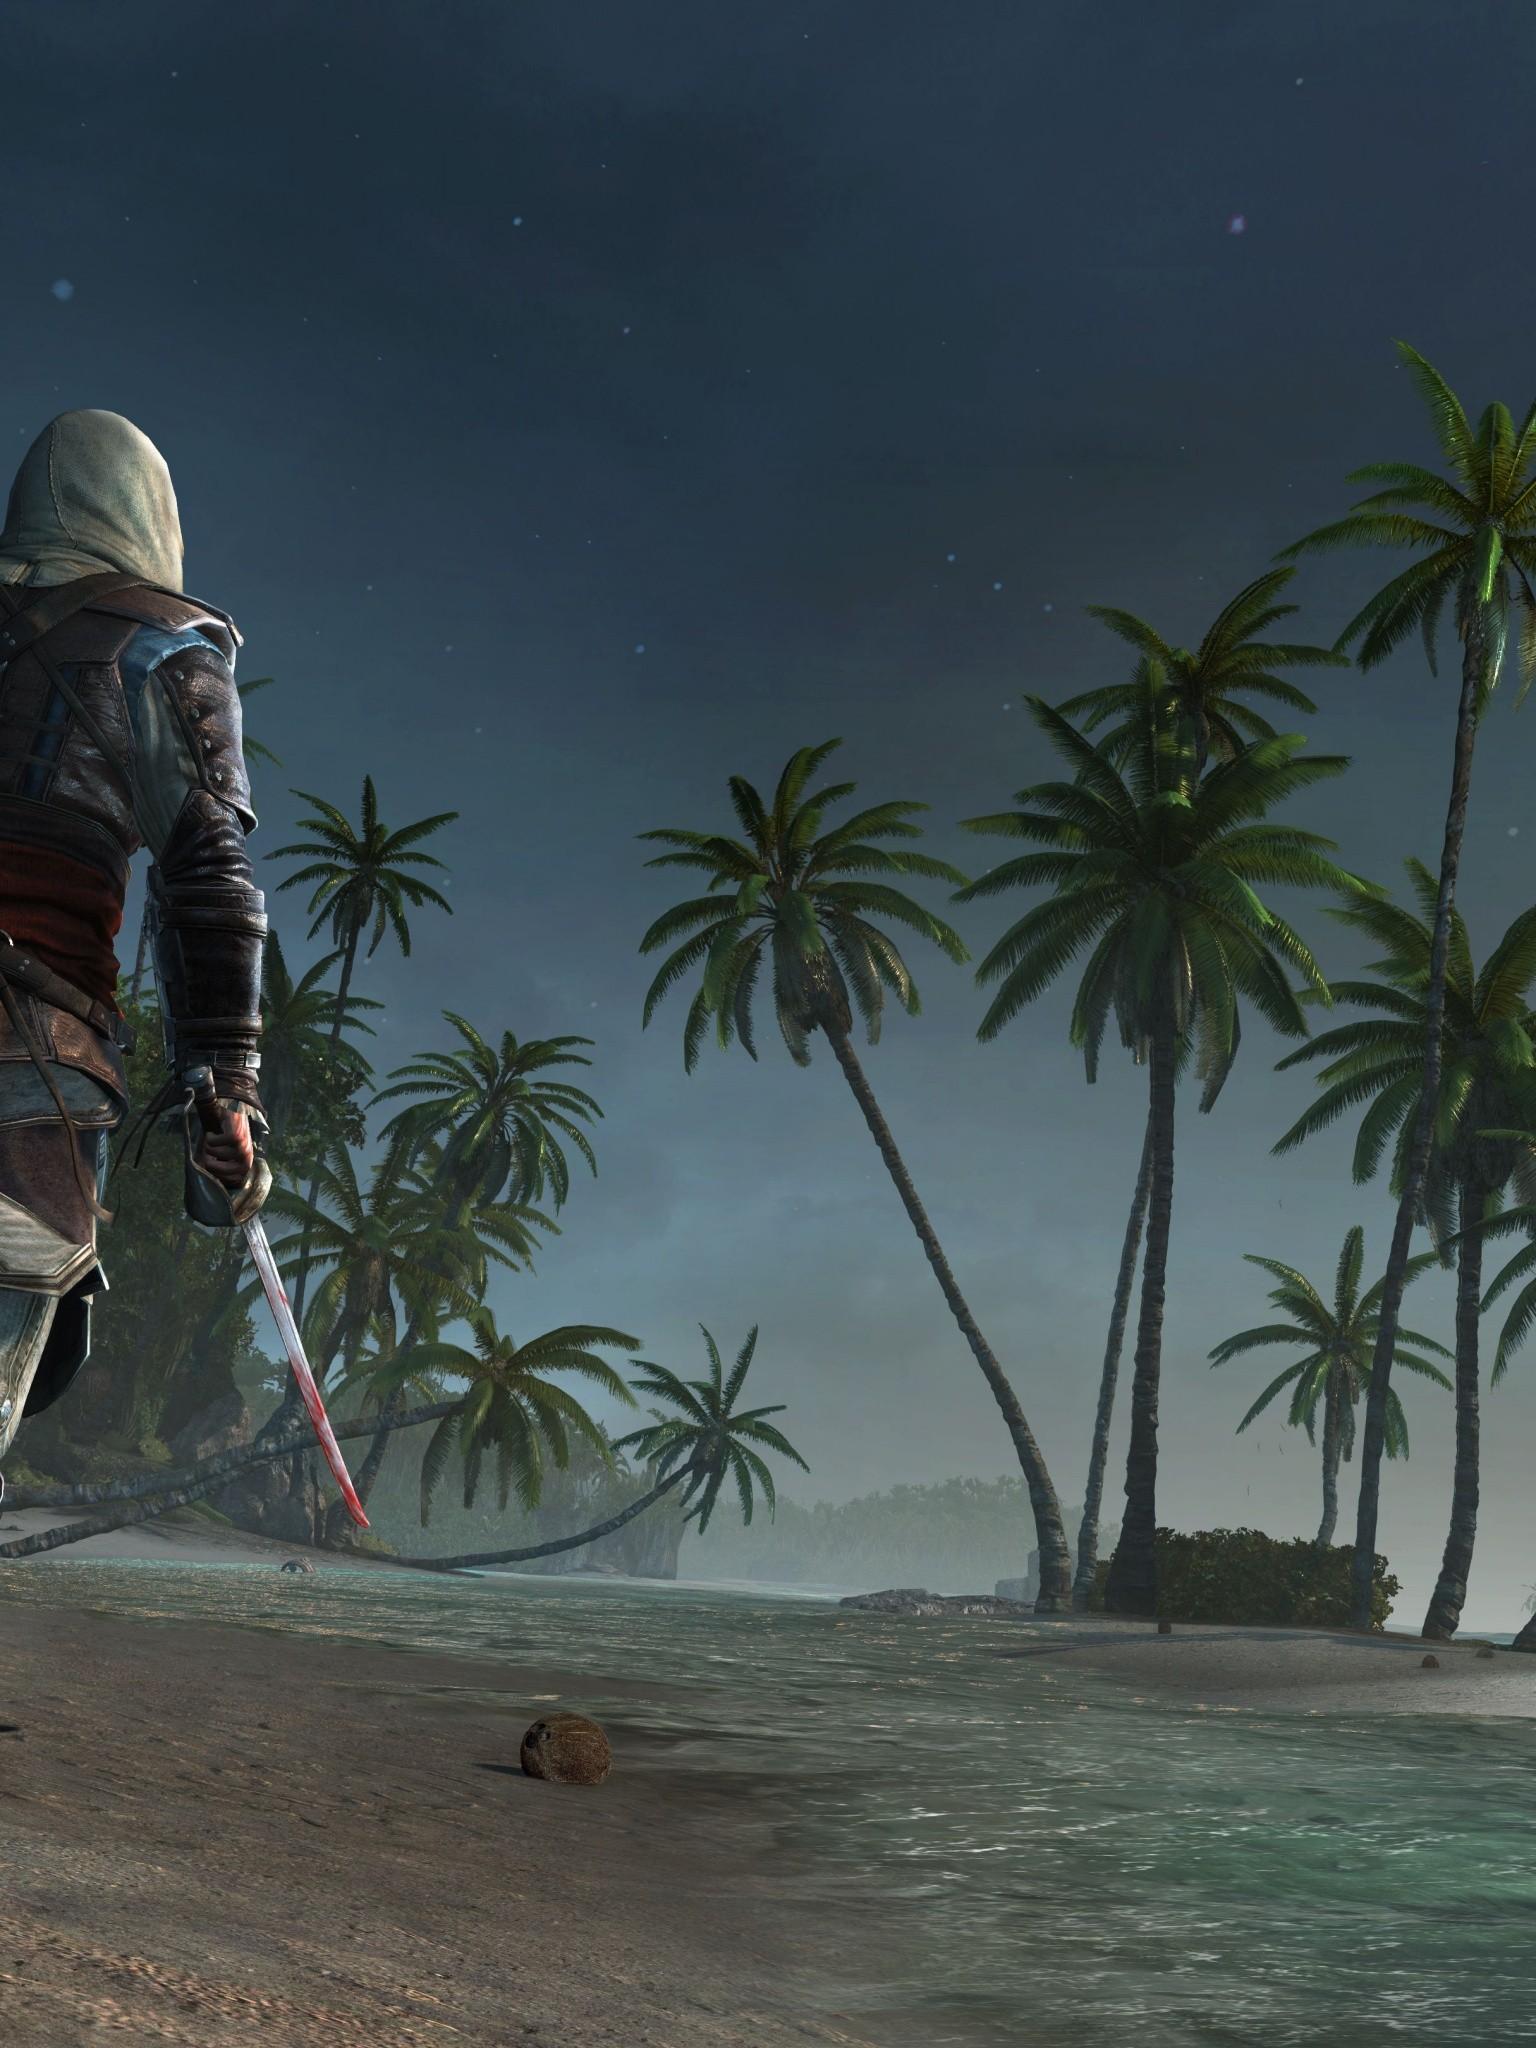 Assassins creed 4 black flag wallpaper 1536x2048 voltagebd Gallery